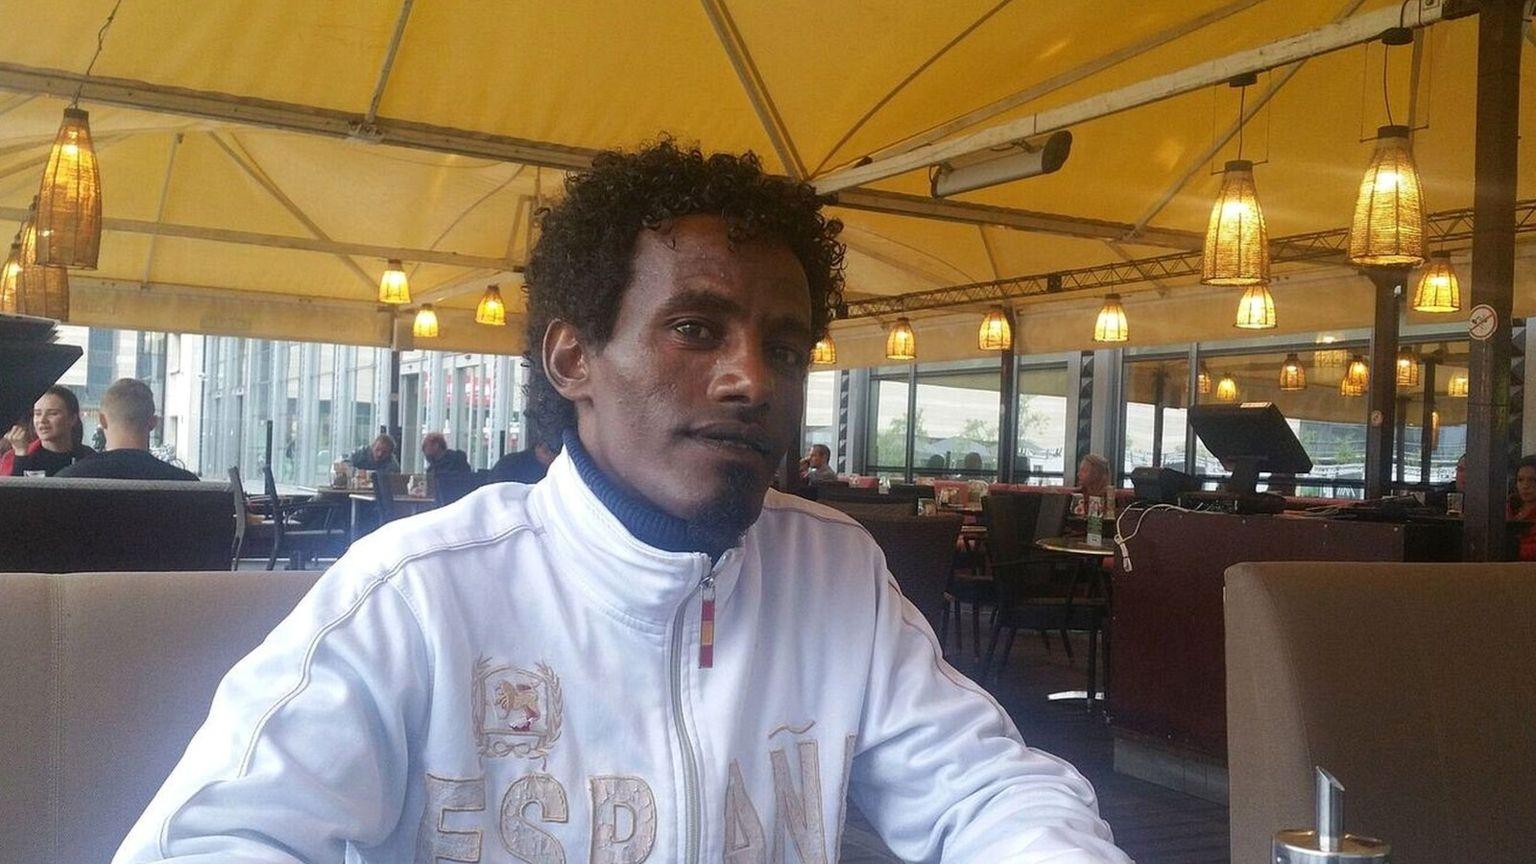 Mekharena - refugee from Eritrea